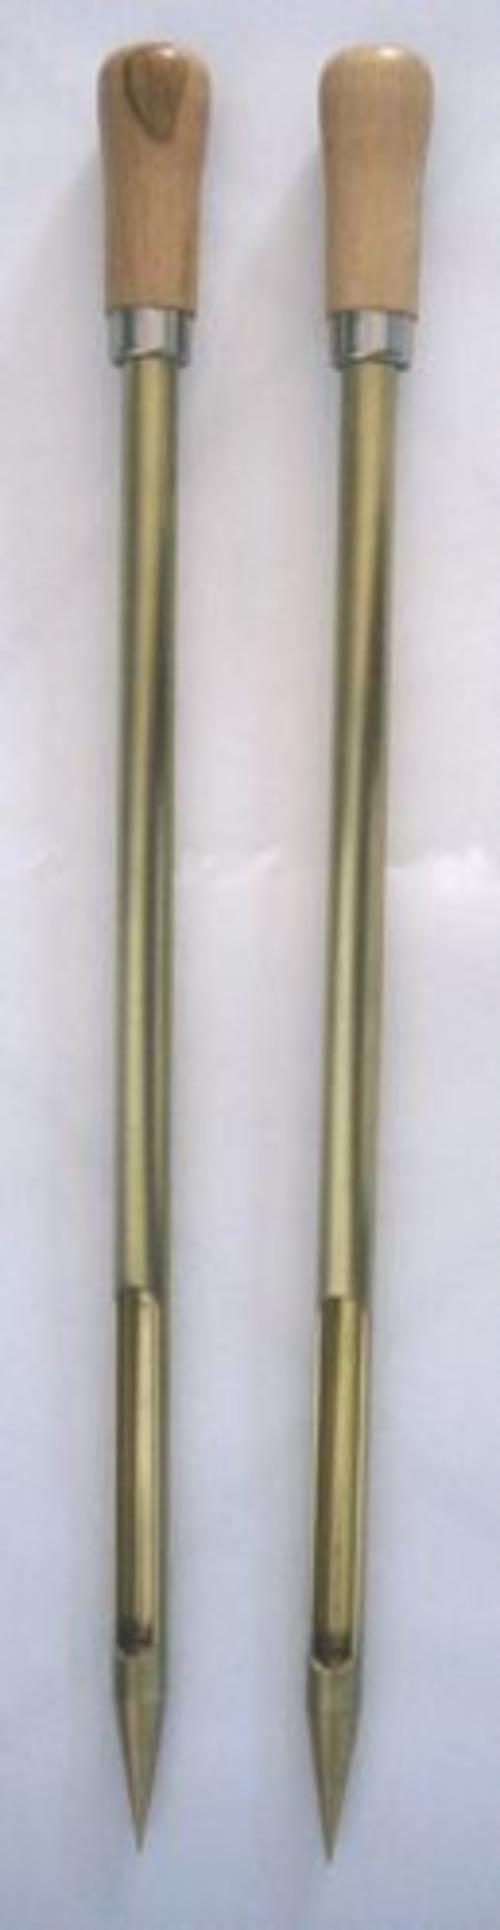 Probenzieher für Sackgut DN 15 mm